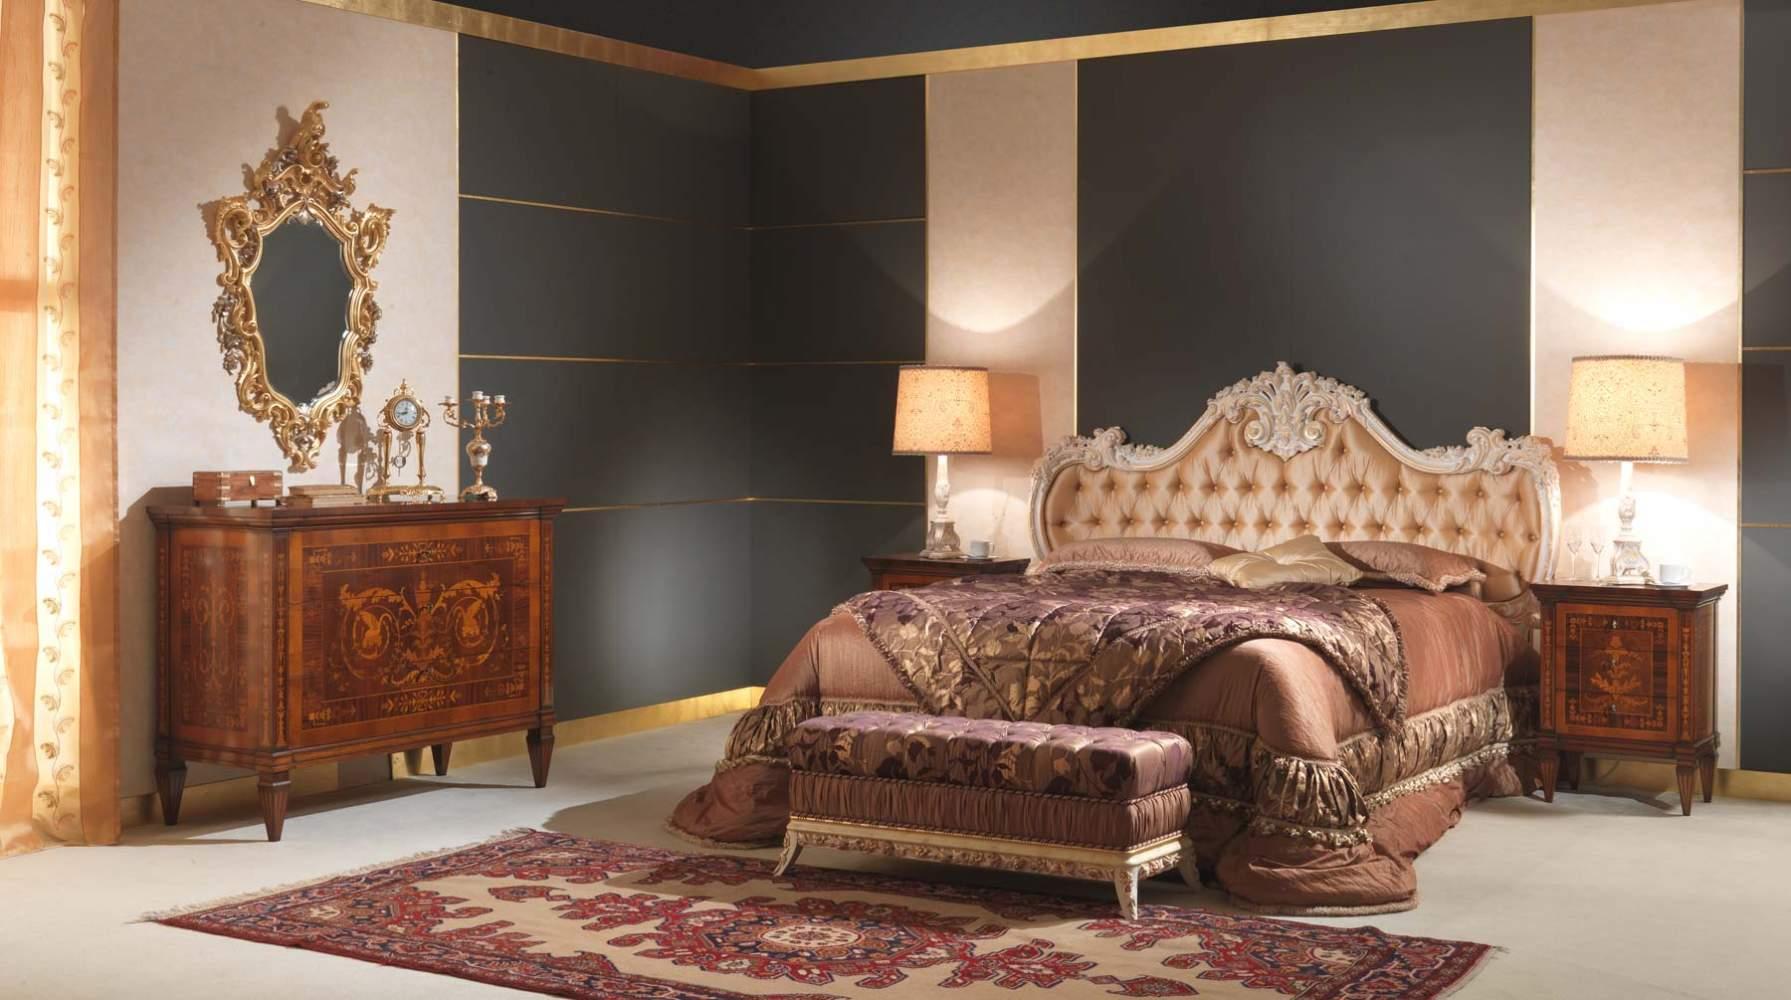 Classic italian bedroom 18th century and maggiolini vimercati classic furniture for Classic italian bedroom furniture